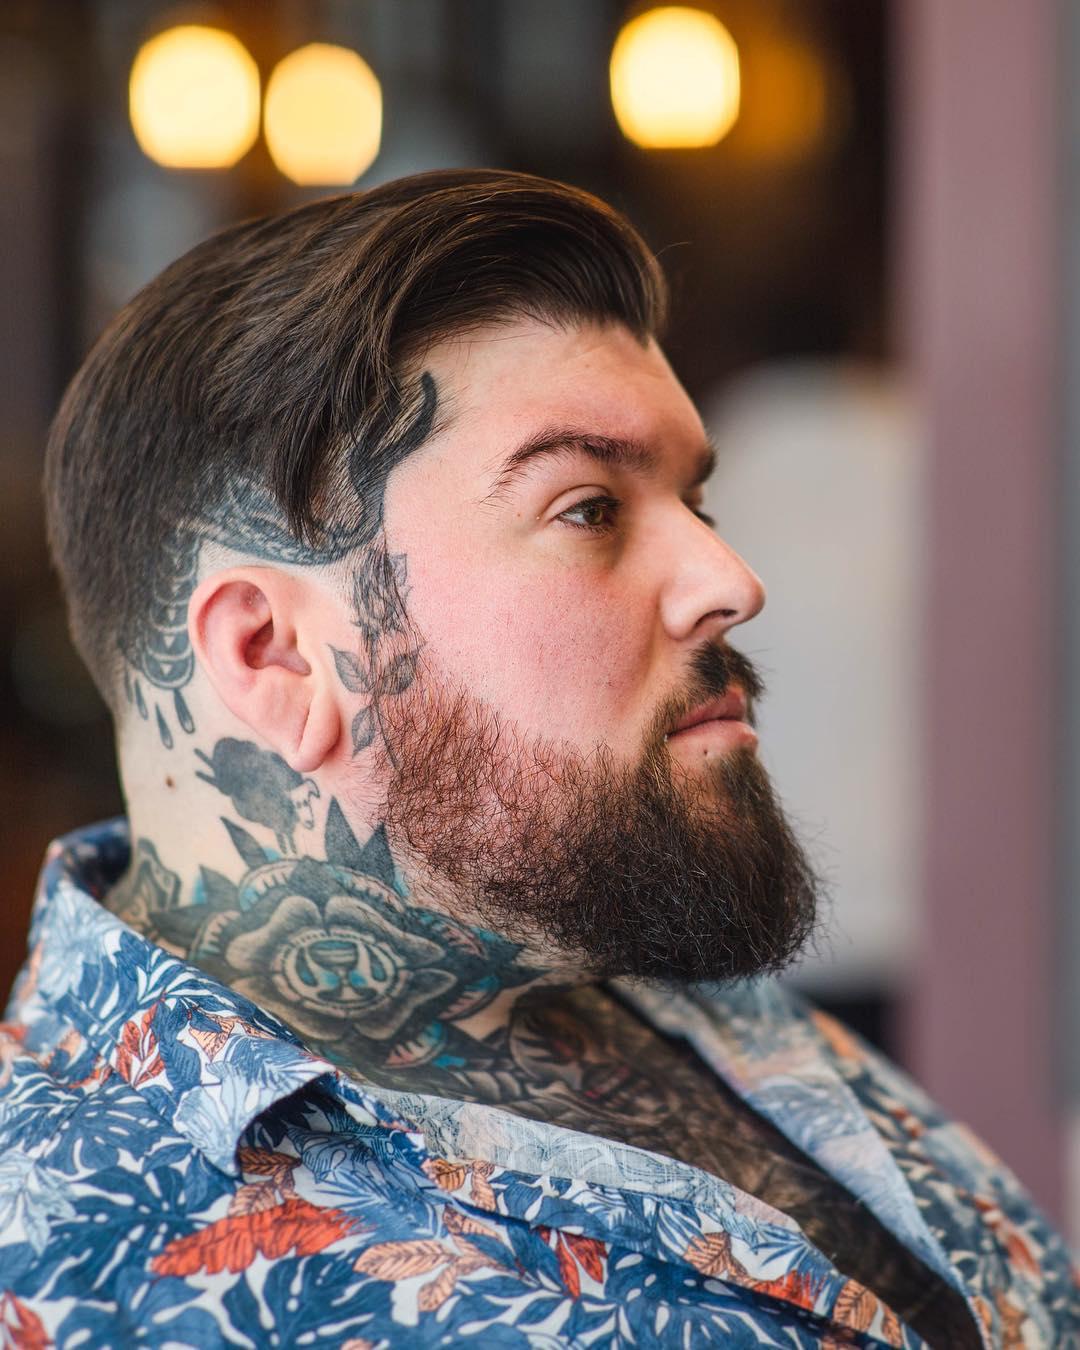 Undercut + Beard